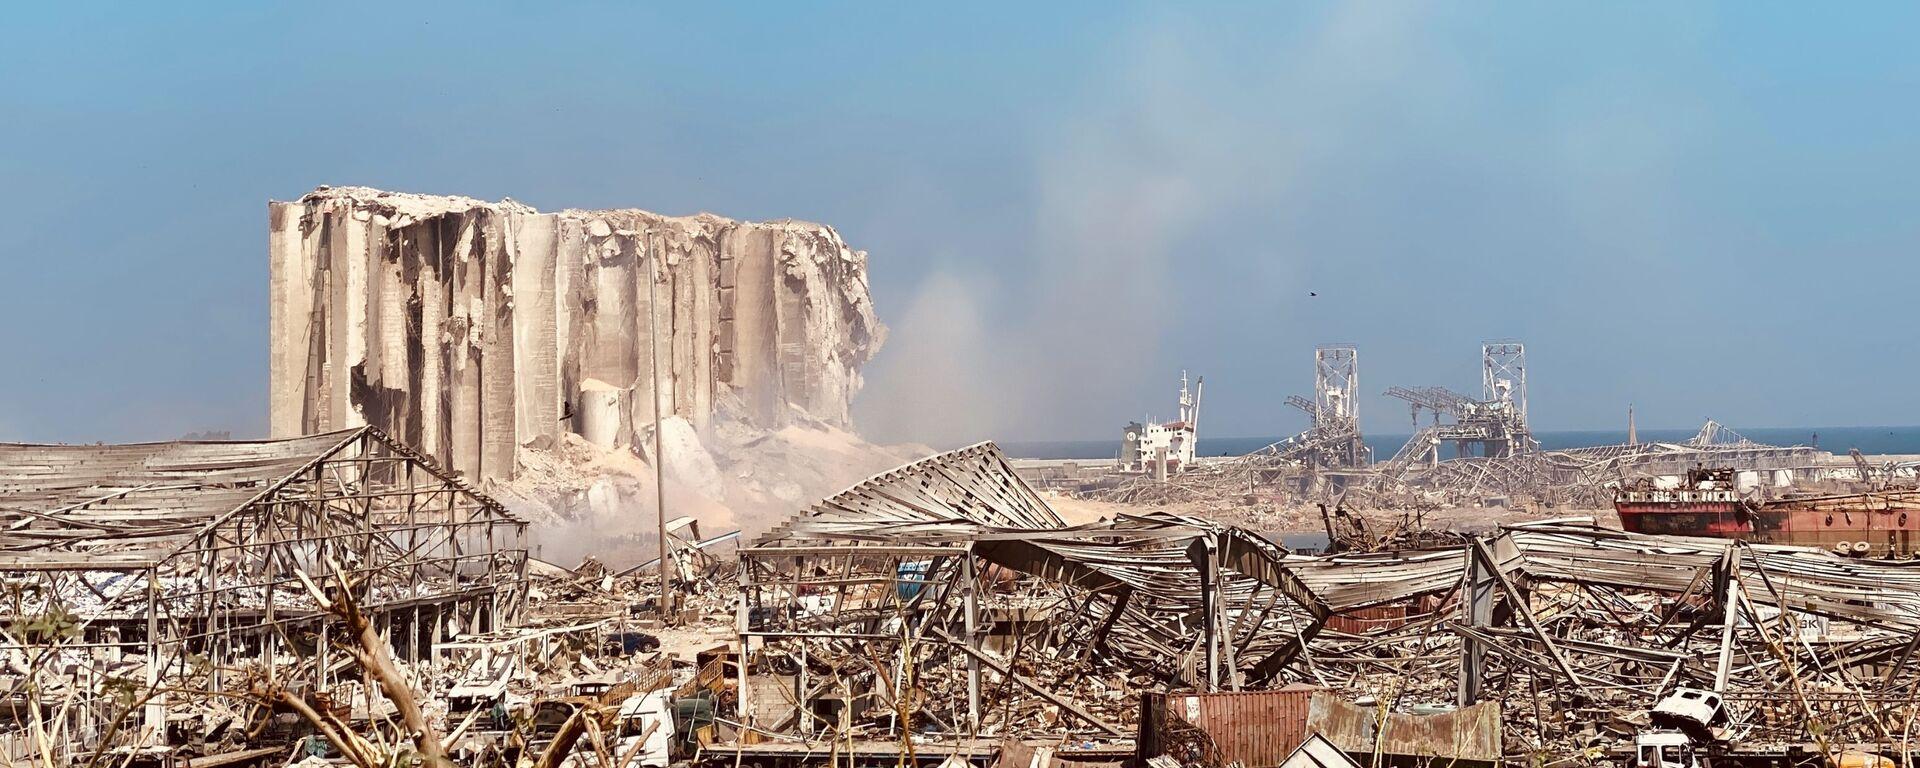 Последствия взрыва в Бейруте (5 августа 2020). - Sputnik Армения, 1920, 24.12.2020